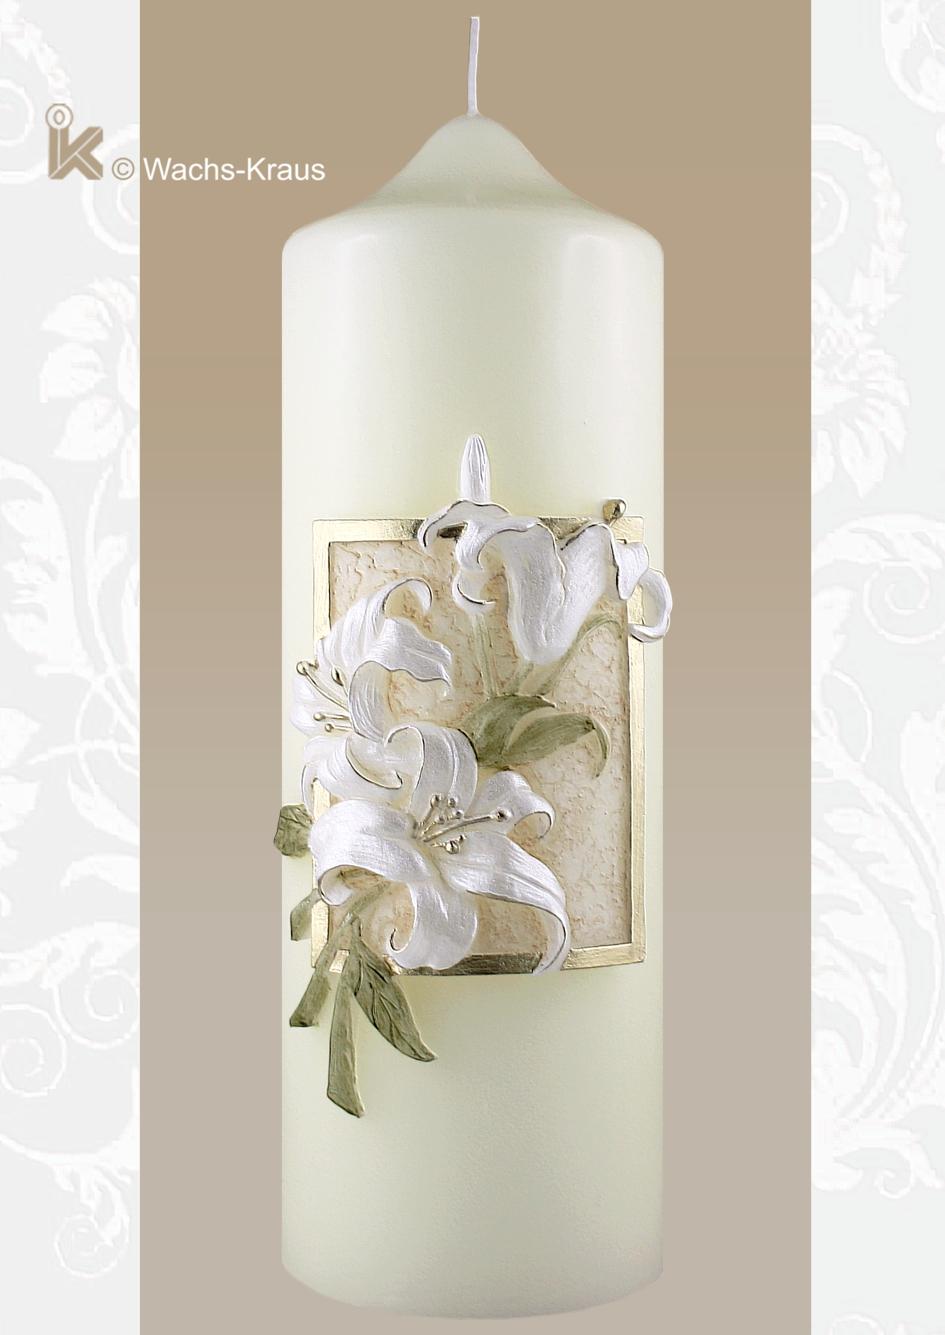 Champagnerfarben passt zu vielen Brautkleidern, das Motiv außergewöhnlich. Ein kleines Relief aus Wachs gegossen zeigt wunderbar modellierte Lilien.